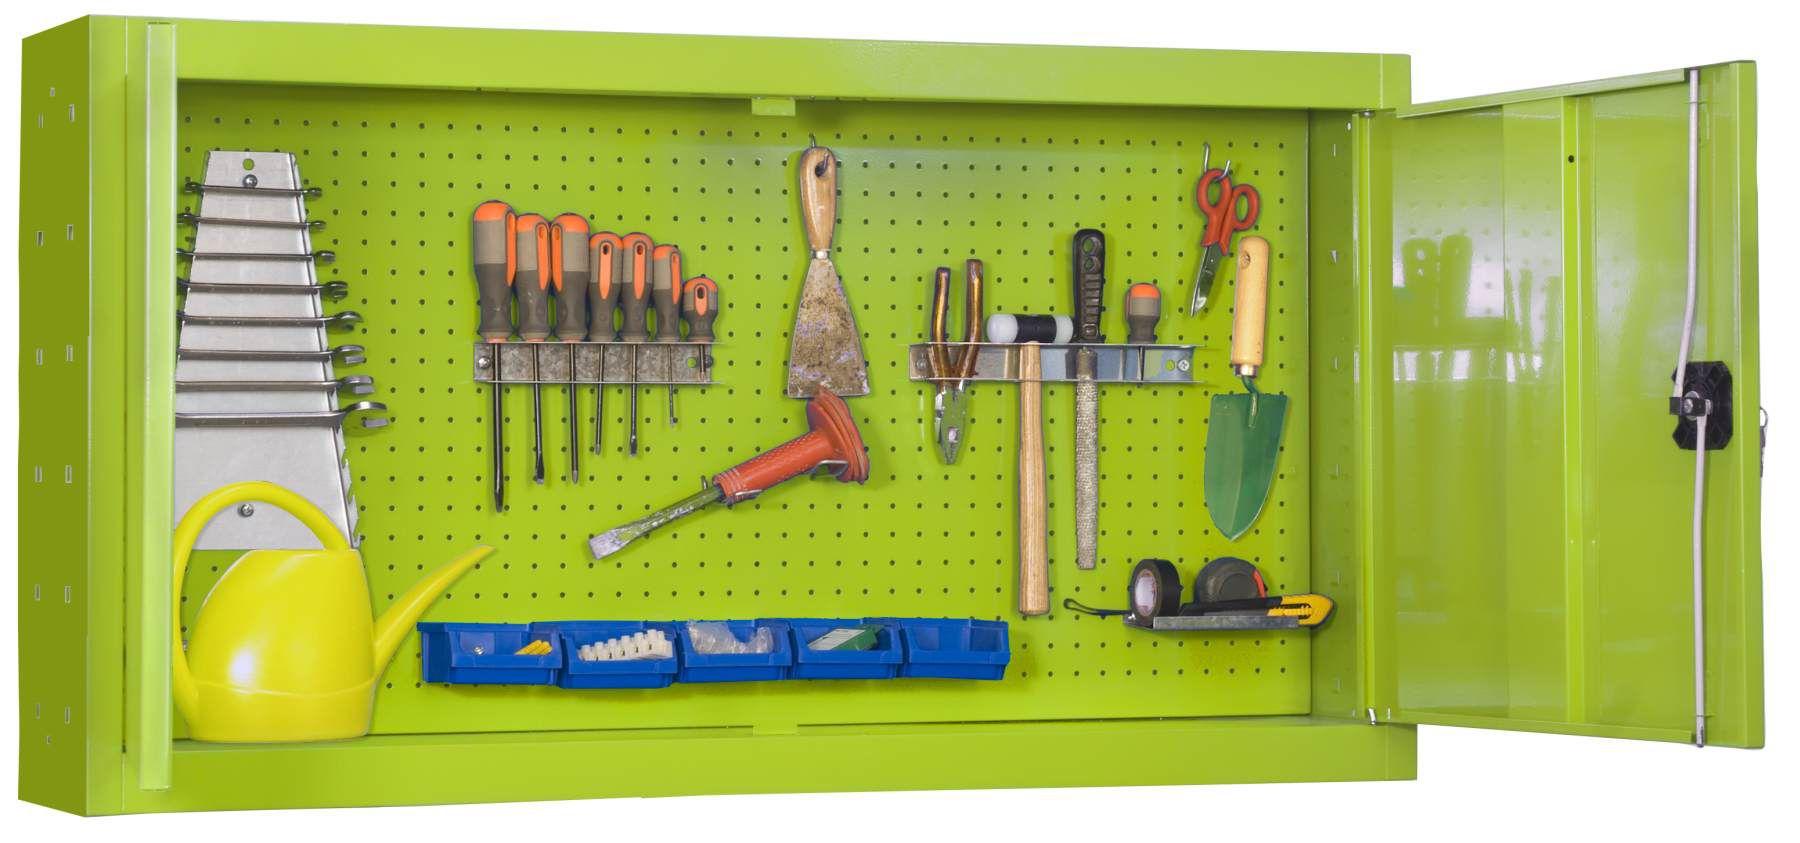 Werkzeugschrank Gartenschrank 500, Maße: 67,50 x 50 x 23 cm (H x B x T), Traglast: 75 kg mit Lochwand